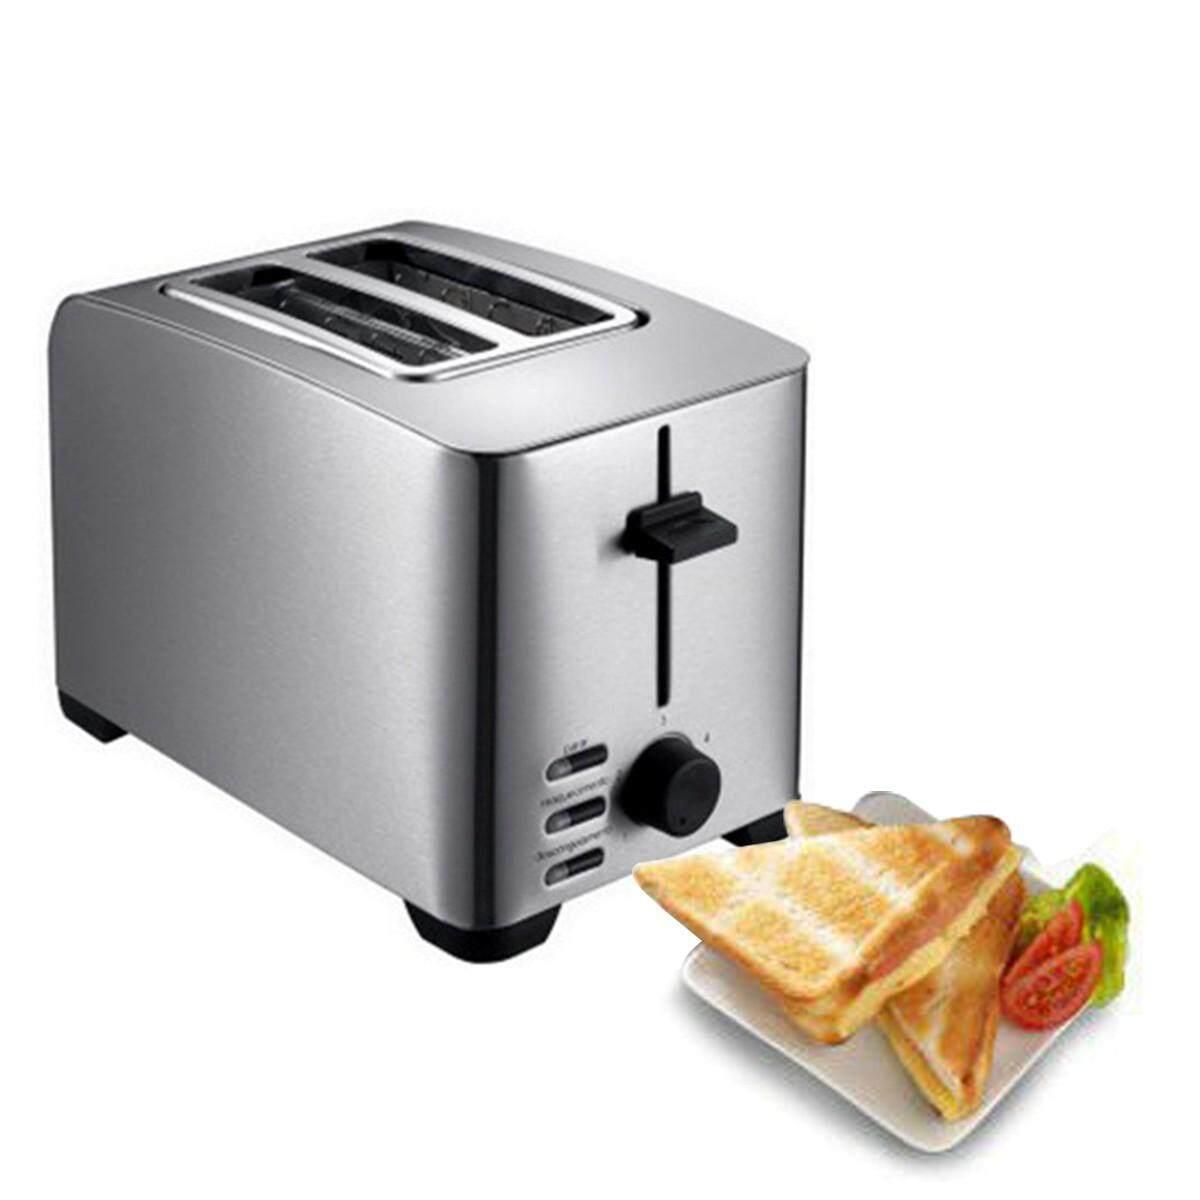 สอนใช้งาน  พัทลุง FINEXT เครื่องปิ้งขนมปัง รุ่น THT-8012B Toaster